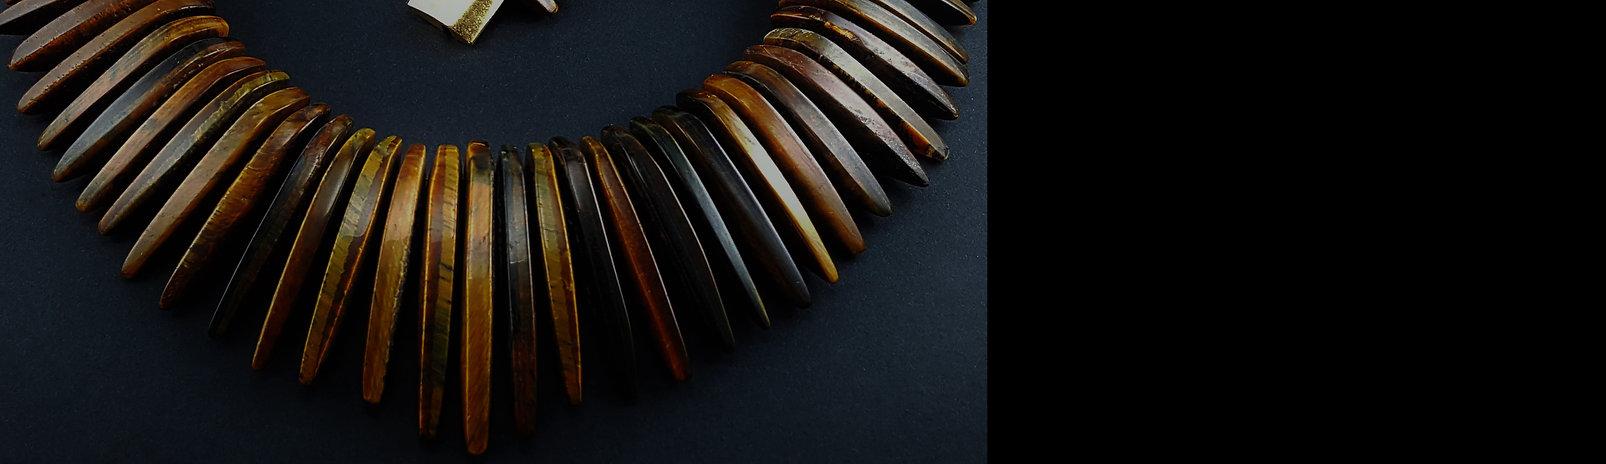 Collier Damen, Edelstein Collier, Tigerauge grosse Halskette, hangemacht. echte Steine, Gemory Design Erlangen